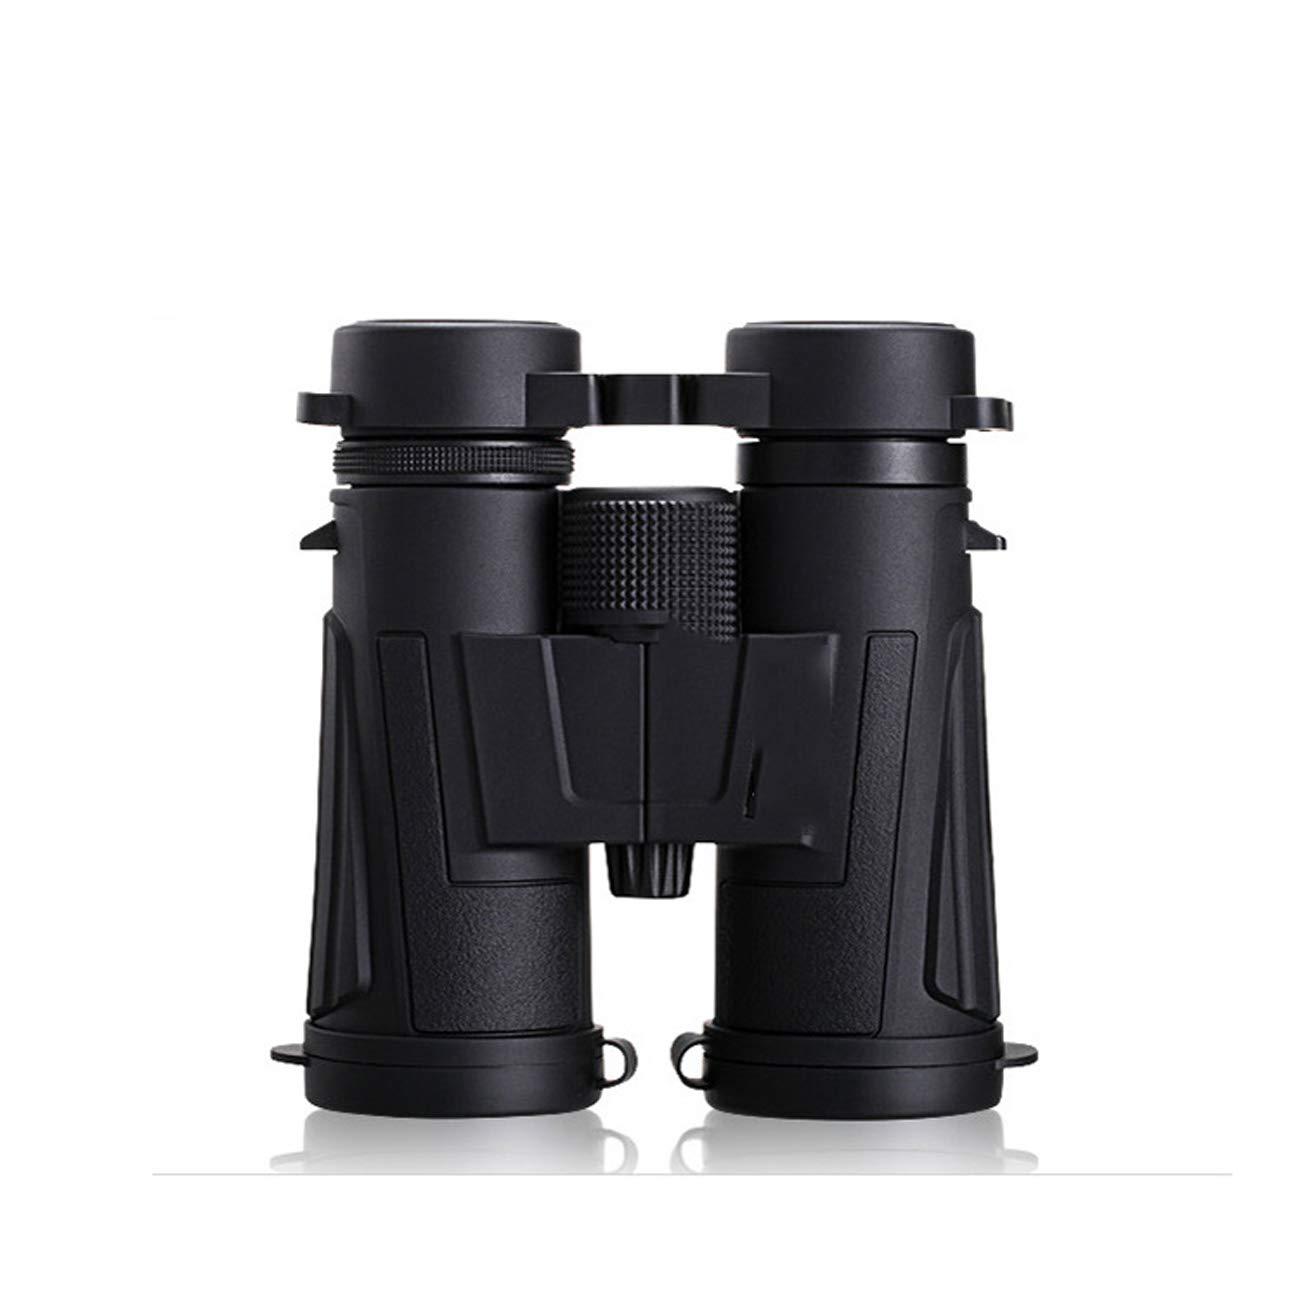 激安大特価! 双眼鏡10x42ポータブル望遠鏡による防水BaK4プリズムによる超シャープなビューFMCコンパクトで軽量な旅行やサファリのアウトドア用 B07MNQG52H B07MNQG52H, 九戸郡:48678a6e --- a0267596.xsph.ru